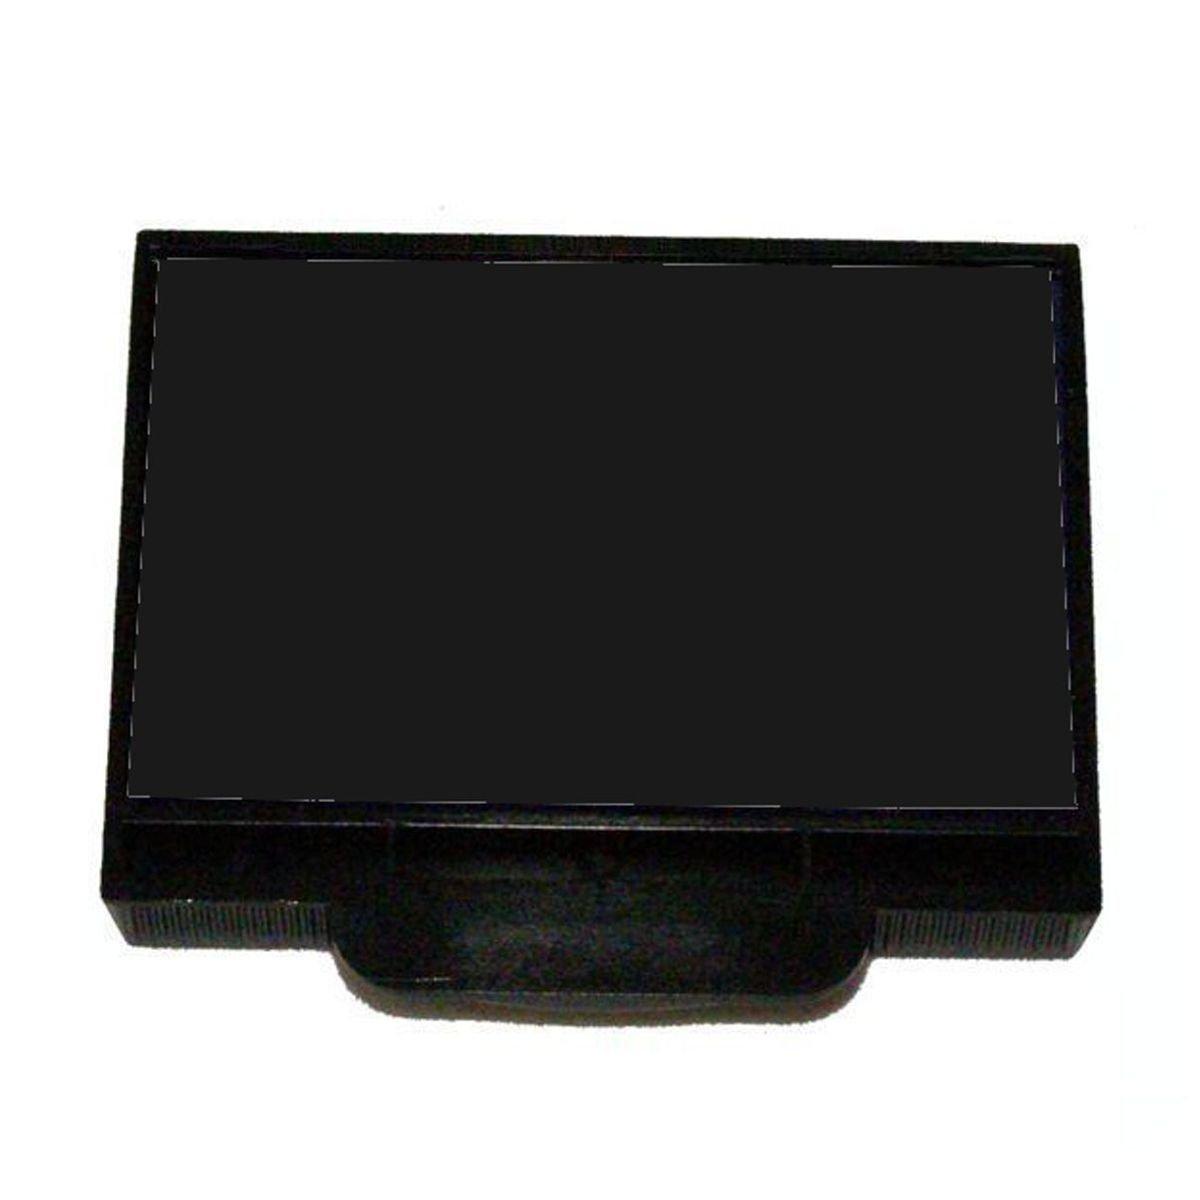 Shiny E-900-7 Black Replacement Pad for E-910 Dater, H-6100 Dater, HM-6100 Dater, H-6440 Dater, H-6556 Numberer, H-6404/DN Dater/Numberer, E-900 Plain Self-inker, HM-6000 Plain Self-inker